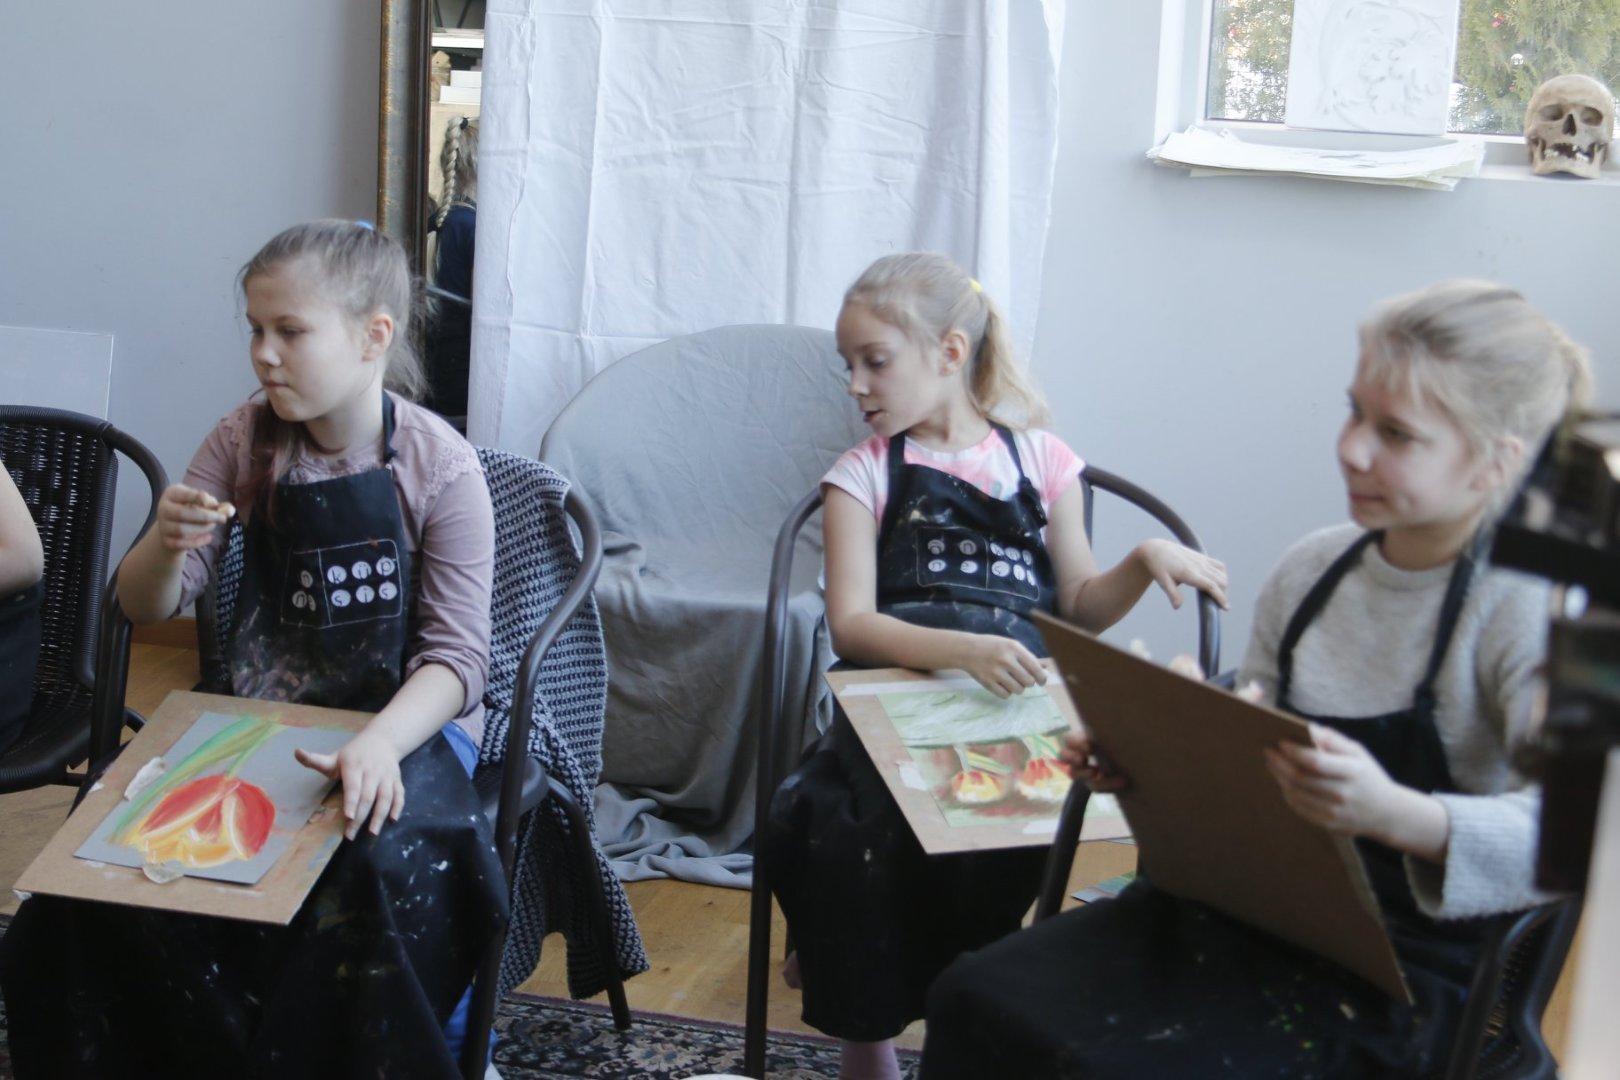 AAPO PUKI LASTEKUNSTIKOOLI GRUPP VANUSES 7-10